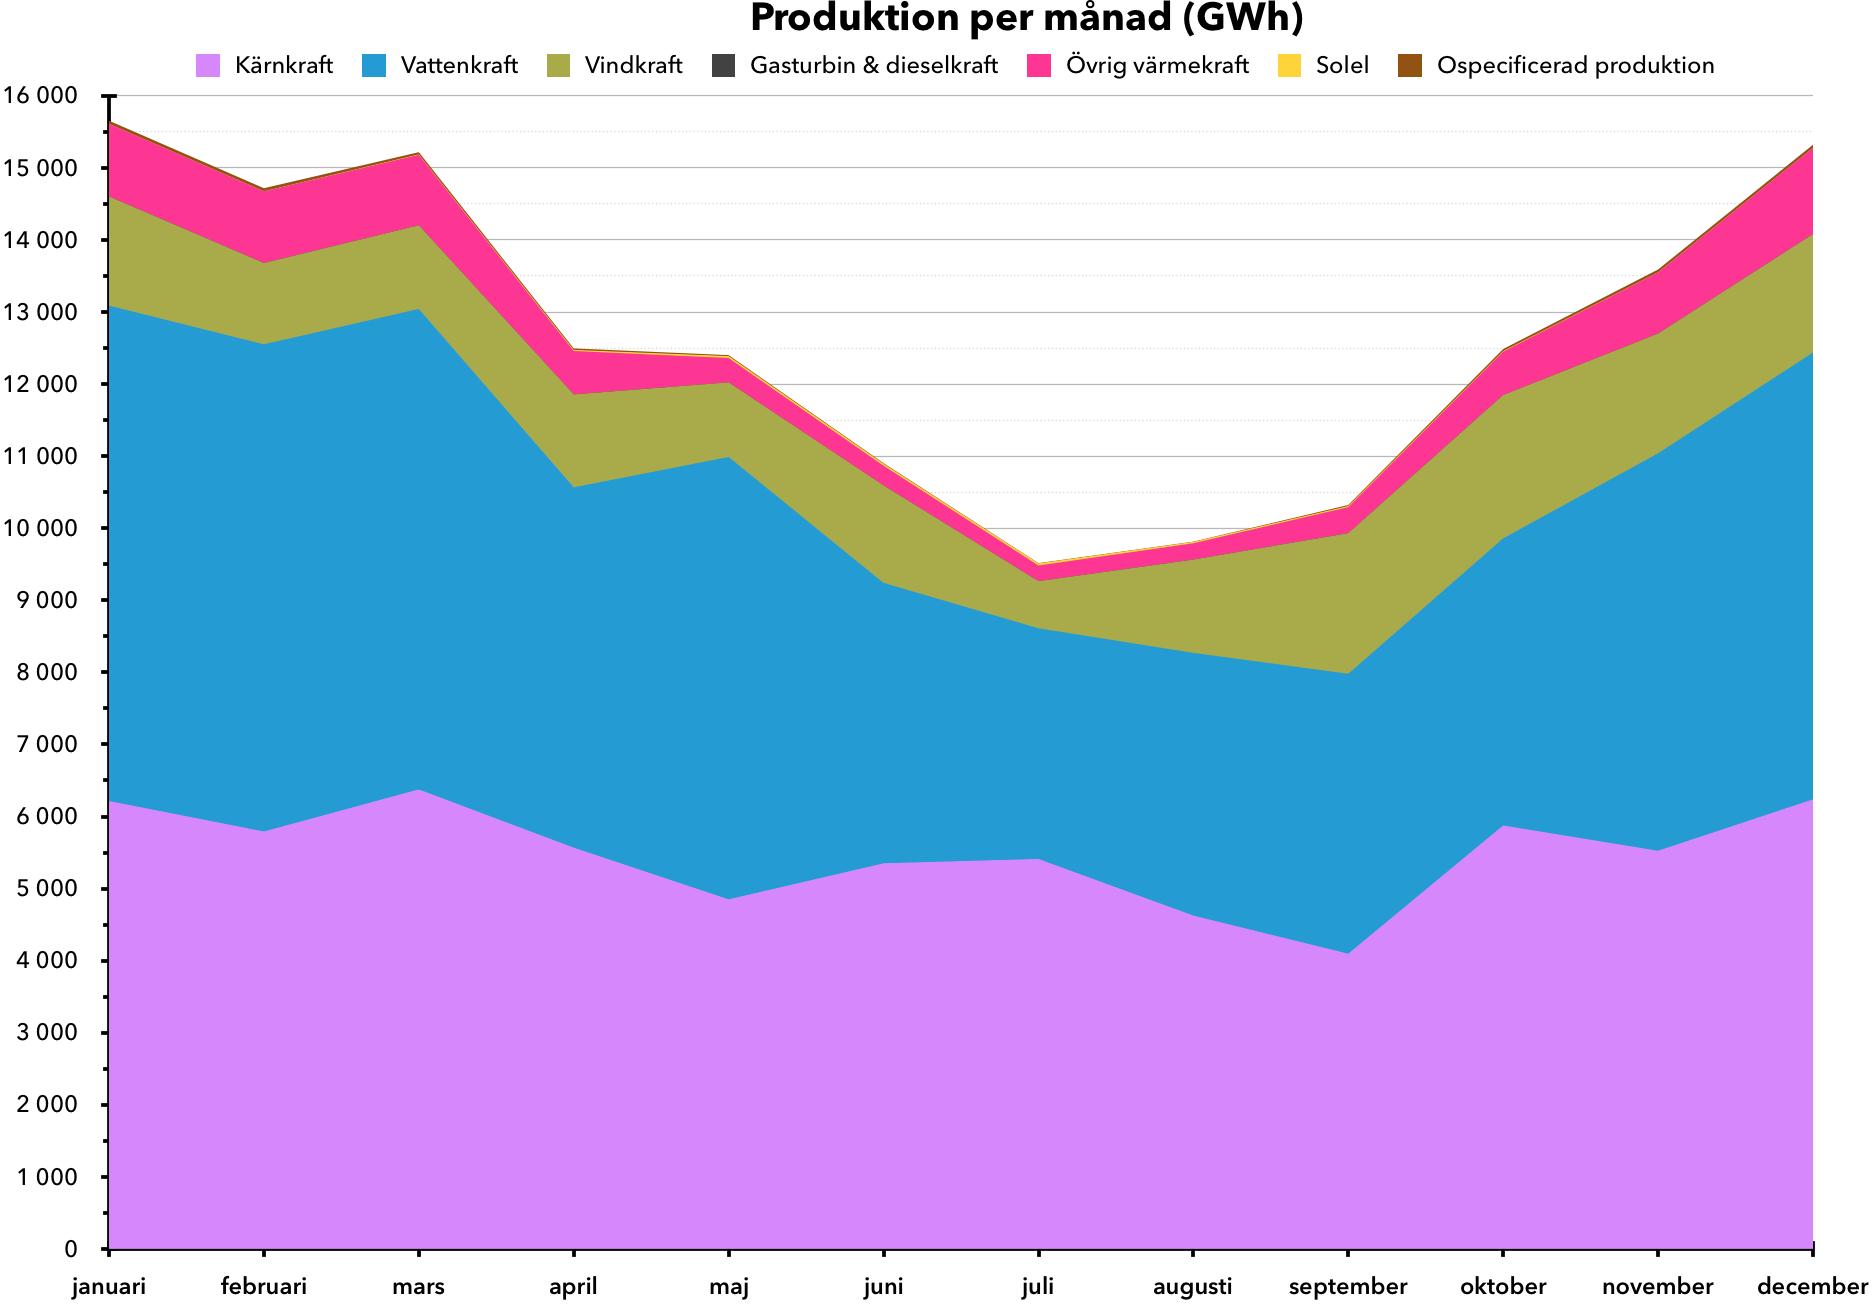 Produktion per månad 2018